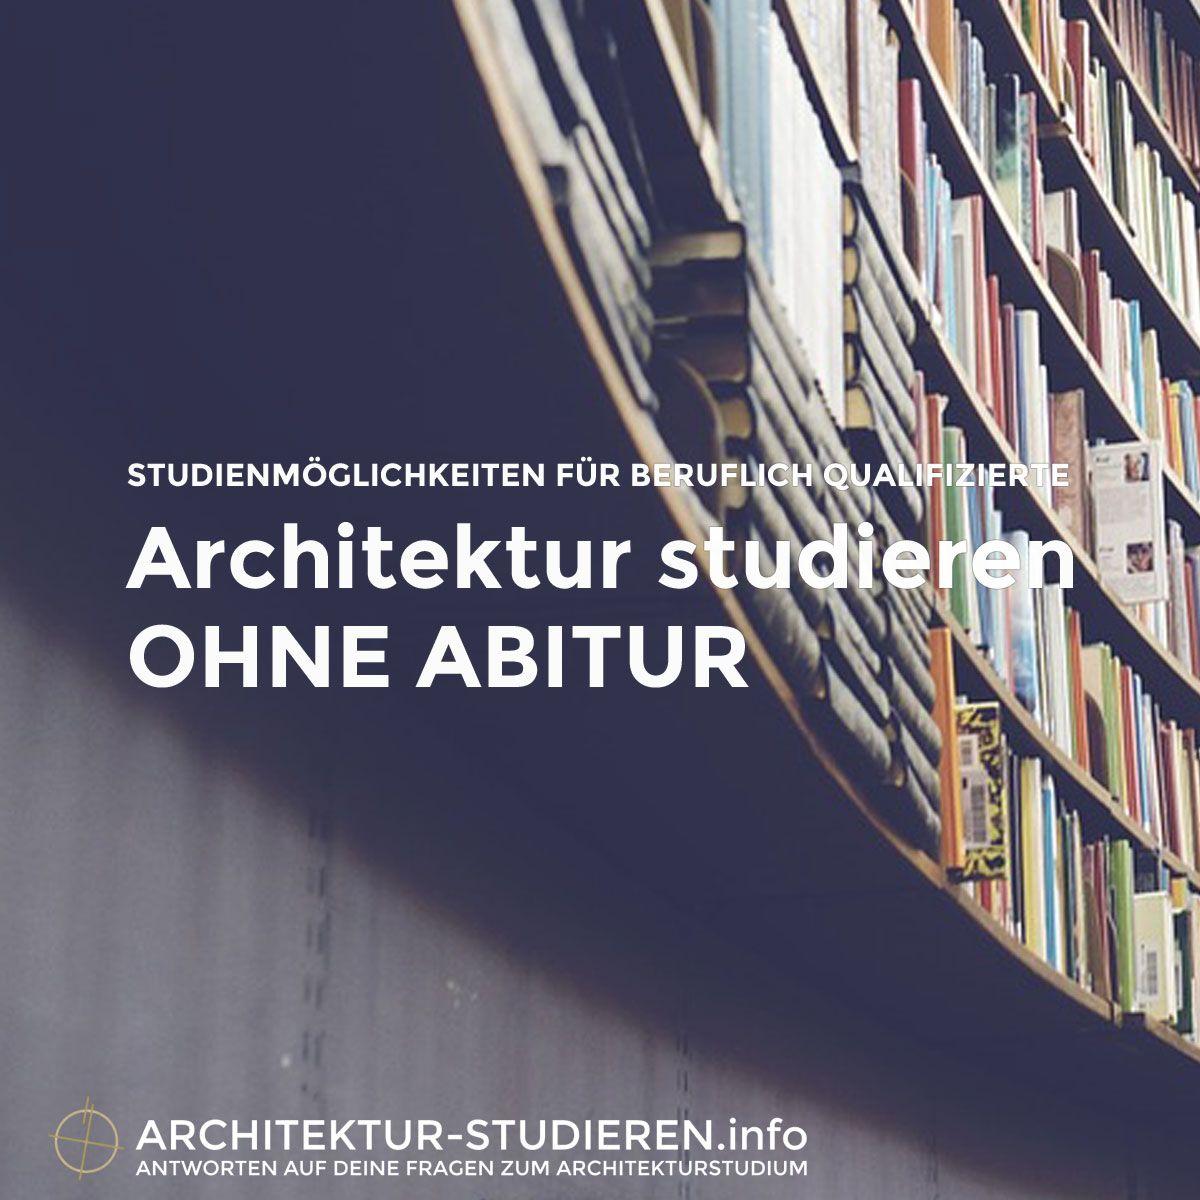 Architektur studieren ohne abitur oder fachhochschulreife for Architektur studieren info